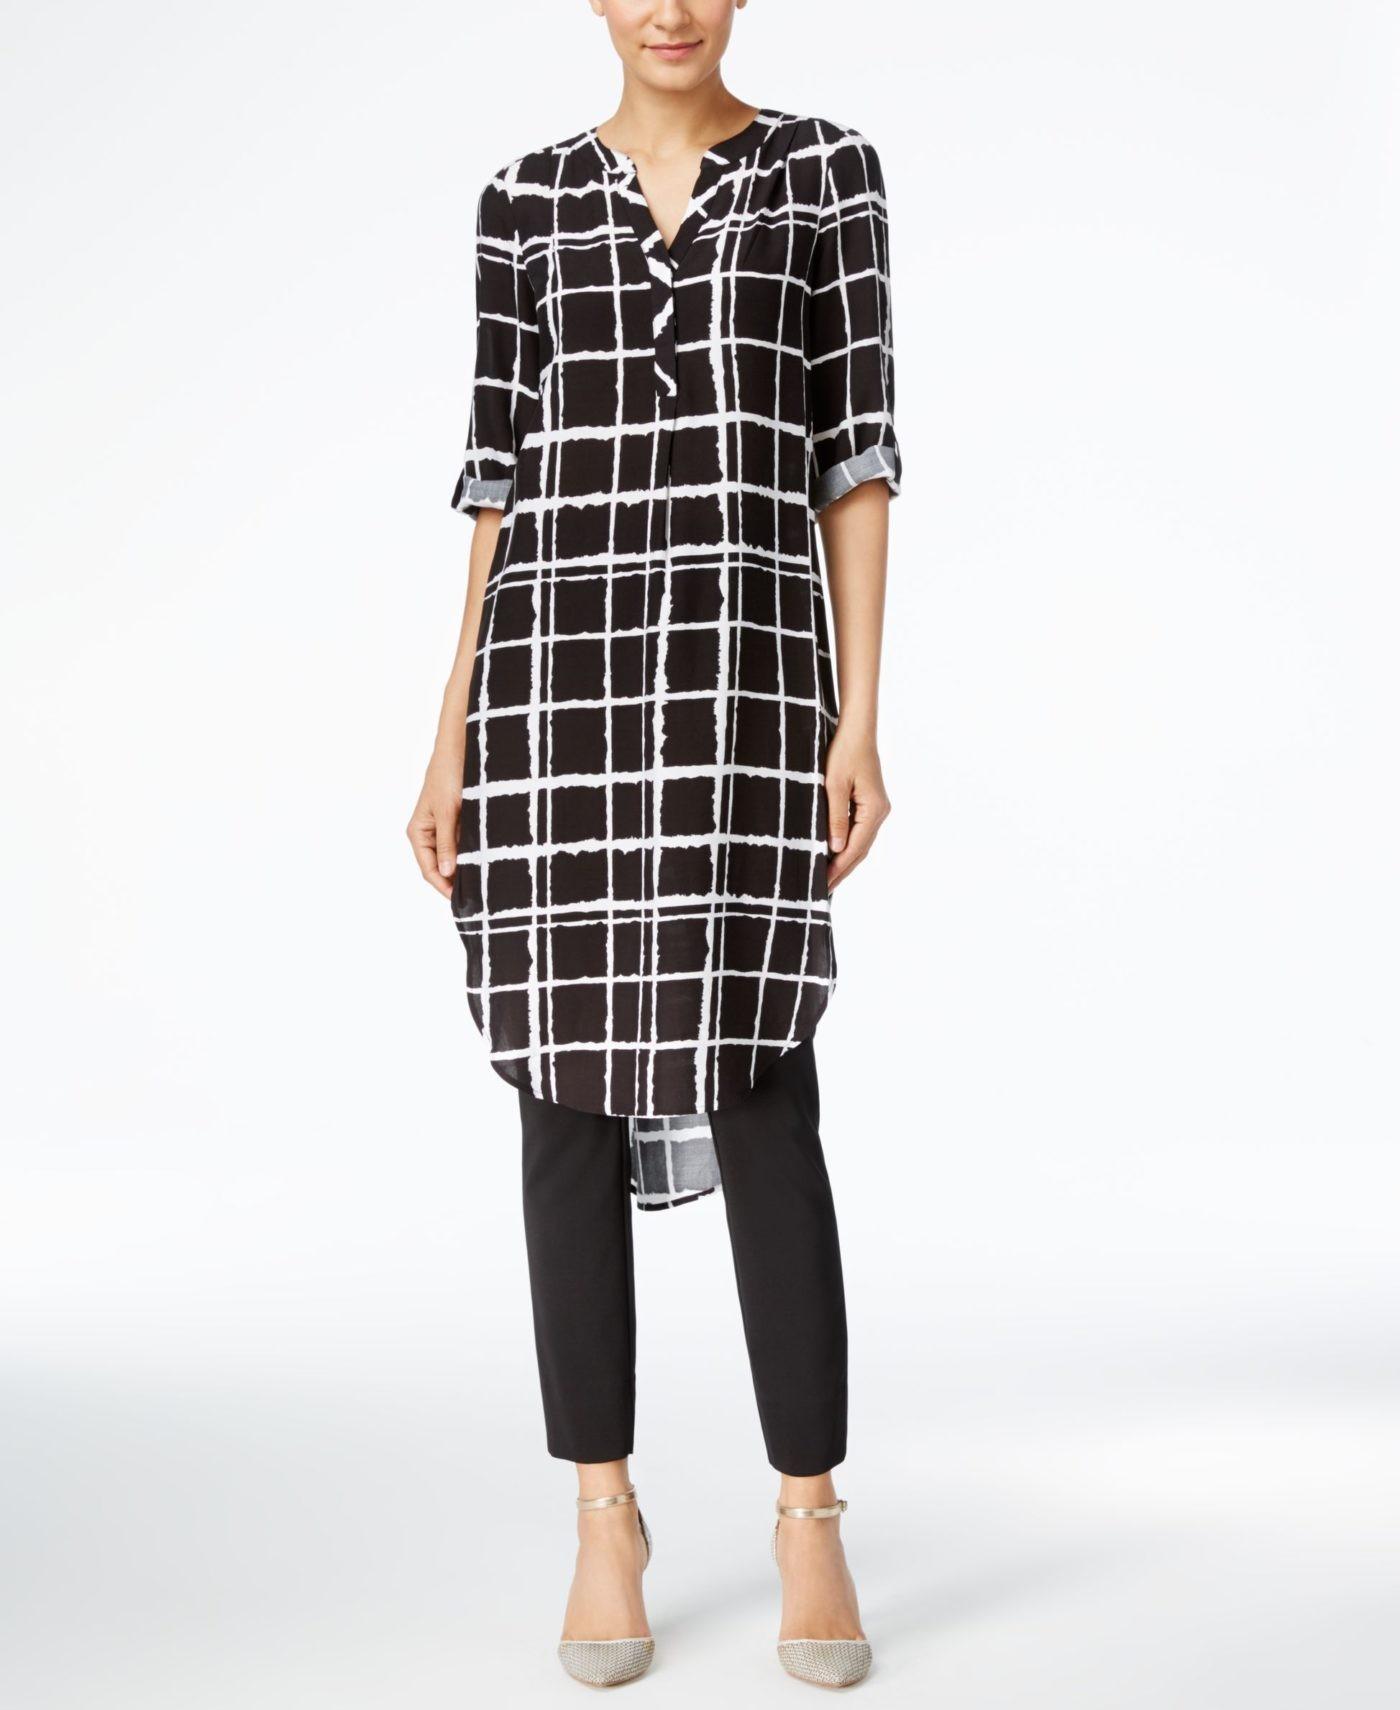 женские туники 2019 2020: длинная рубашка в клетку